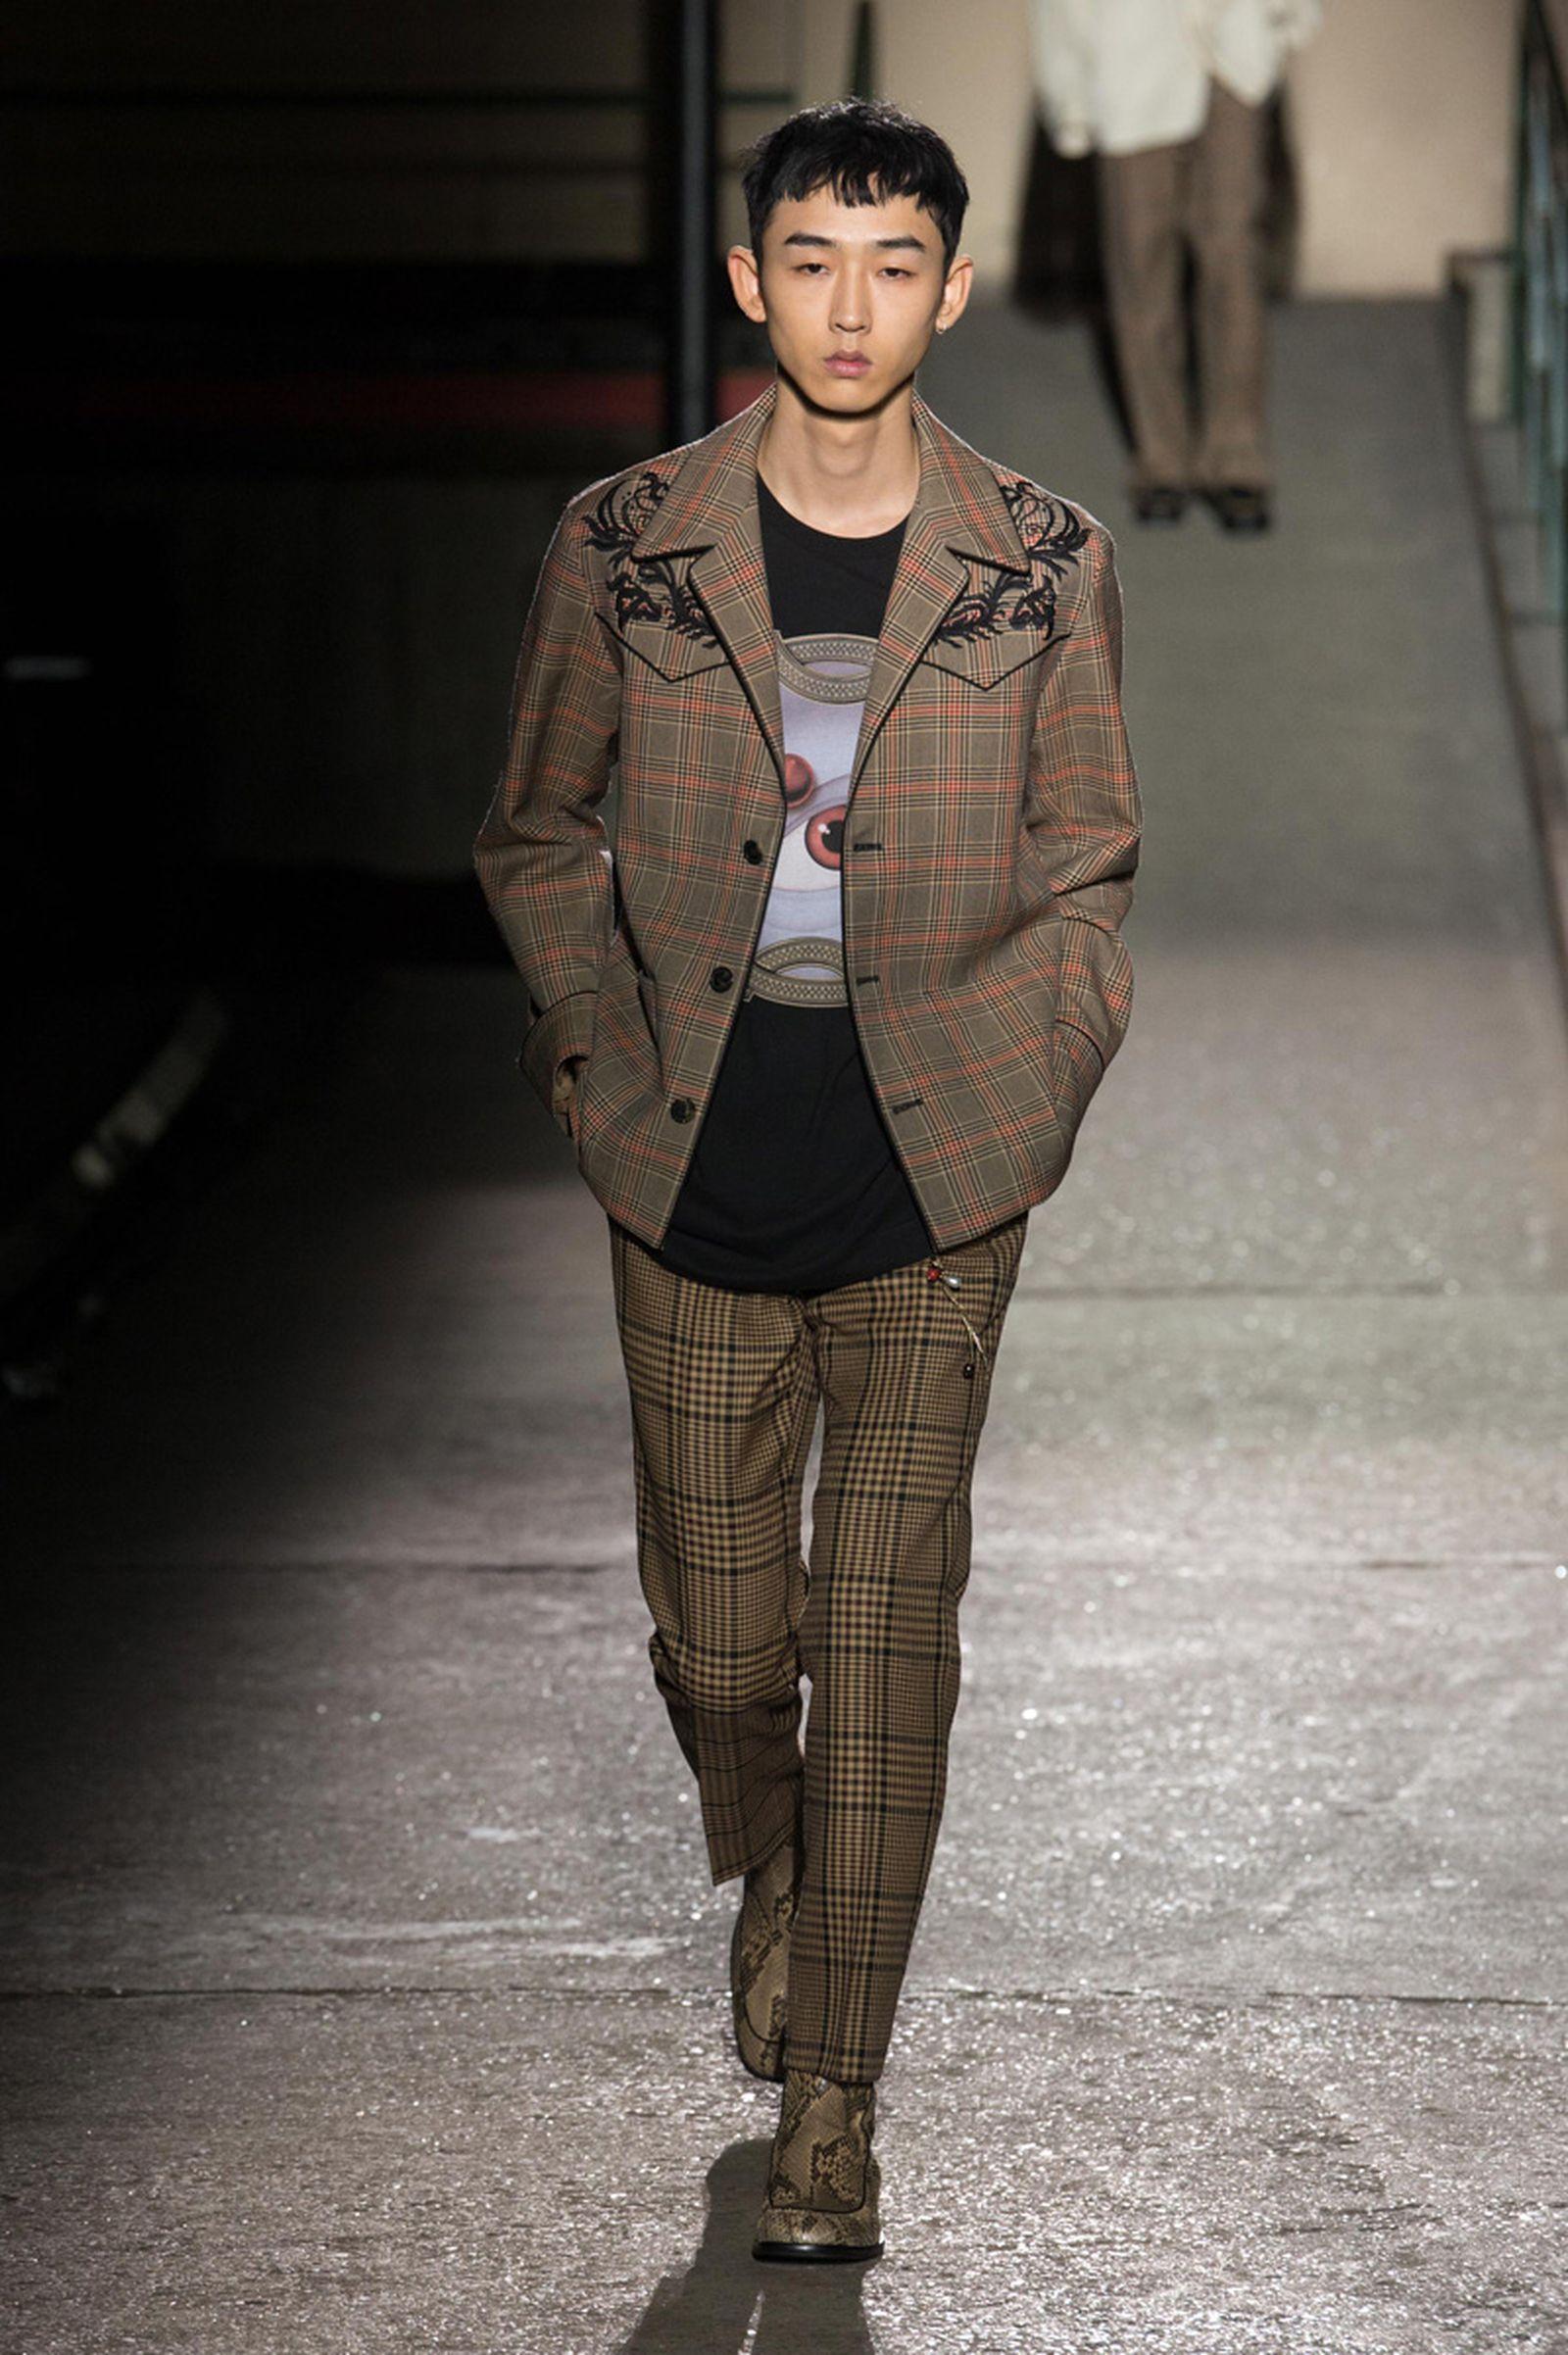 dries van noten AW18 19 look003 fashion week 2018 paris fashion week runway